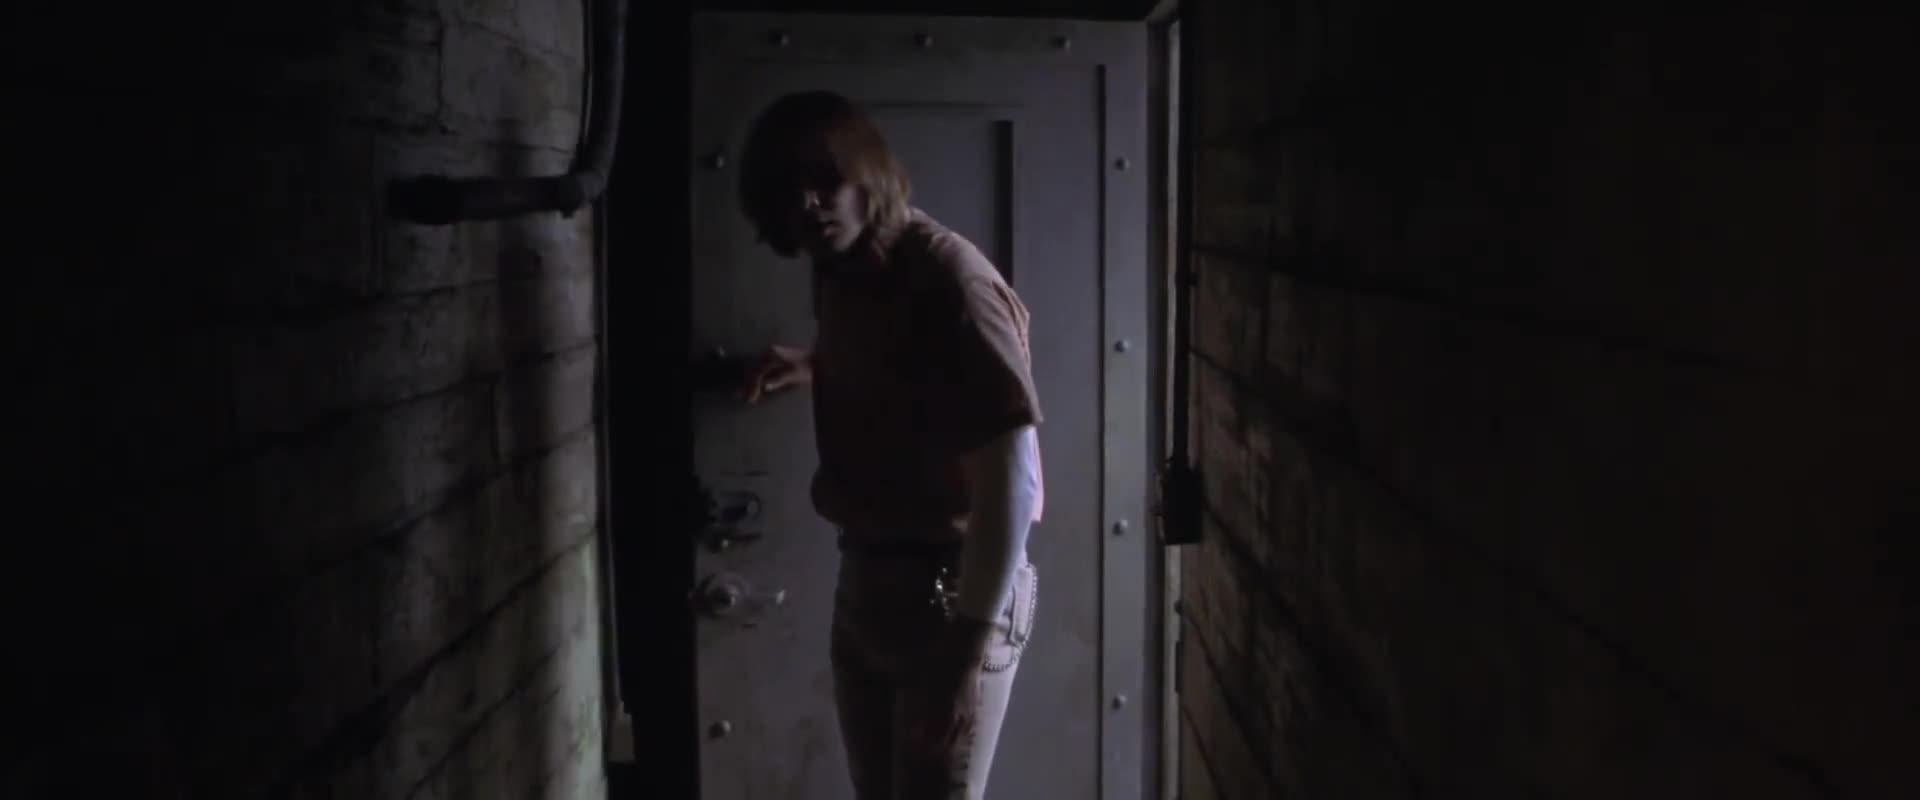 男子去实验室看女子,没想到女子竟然直接活了,男子吓了一跳